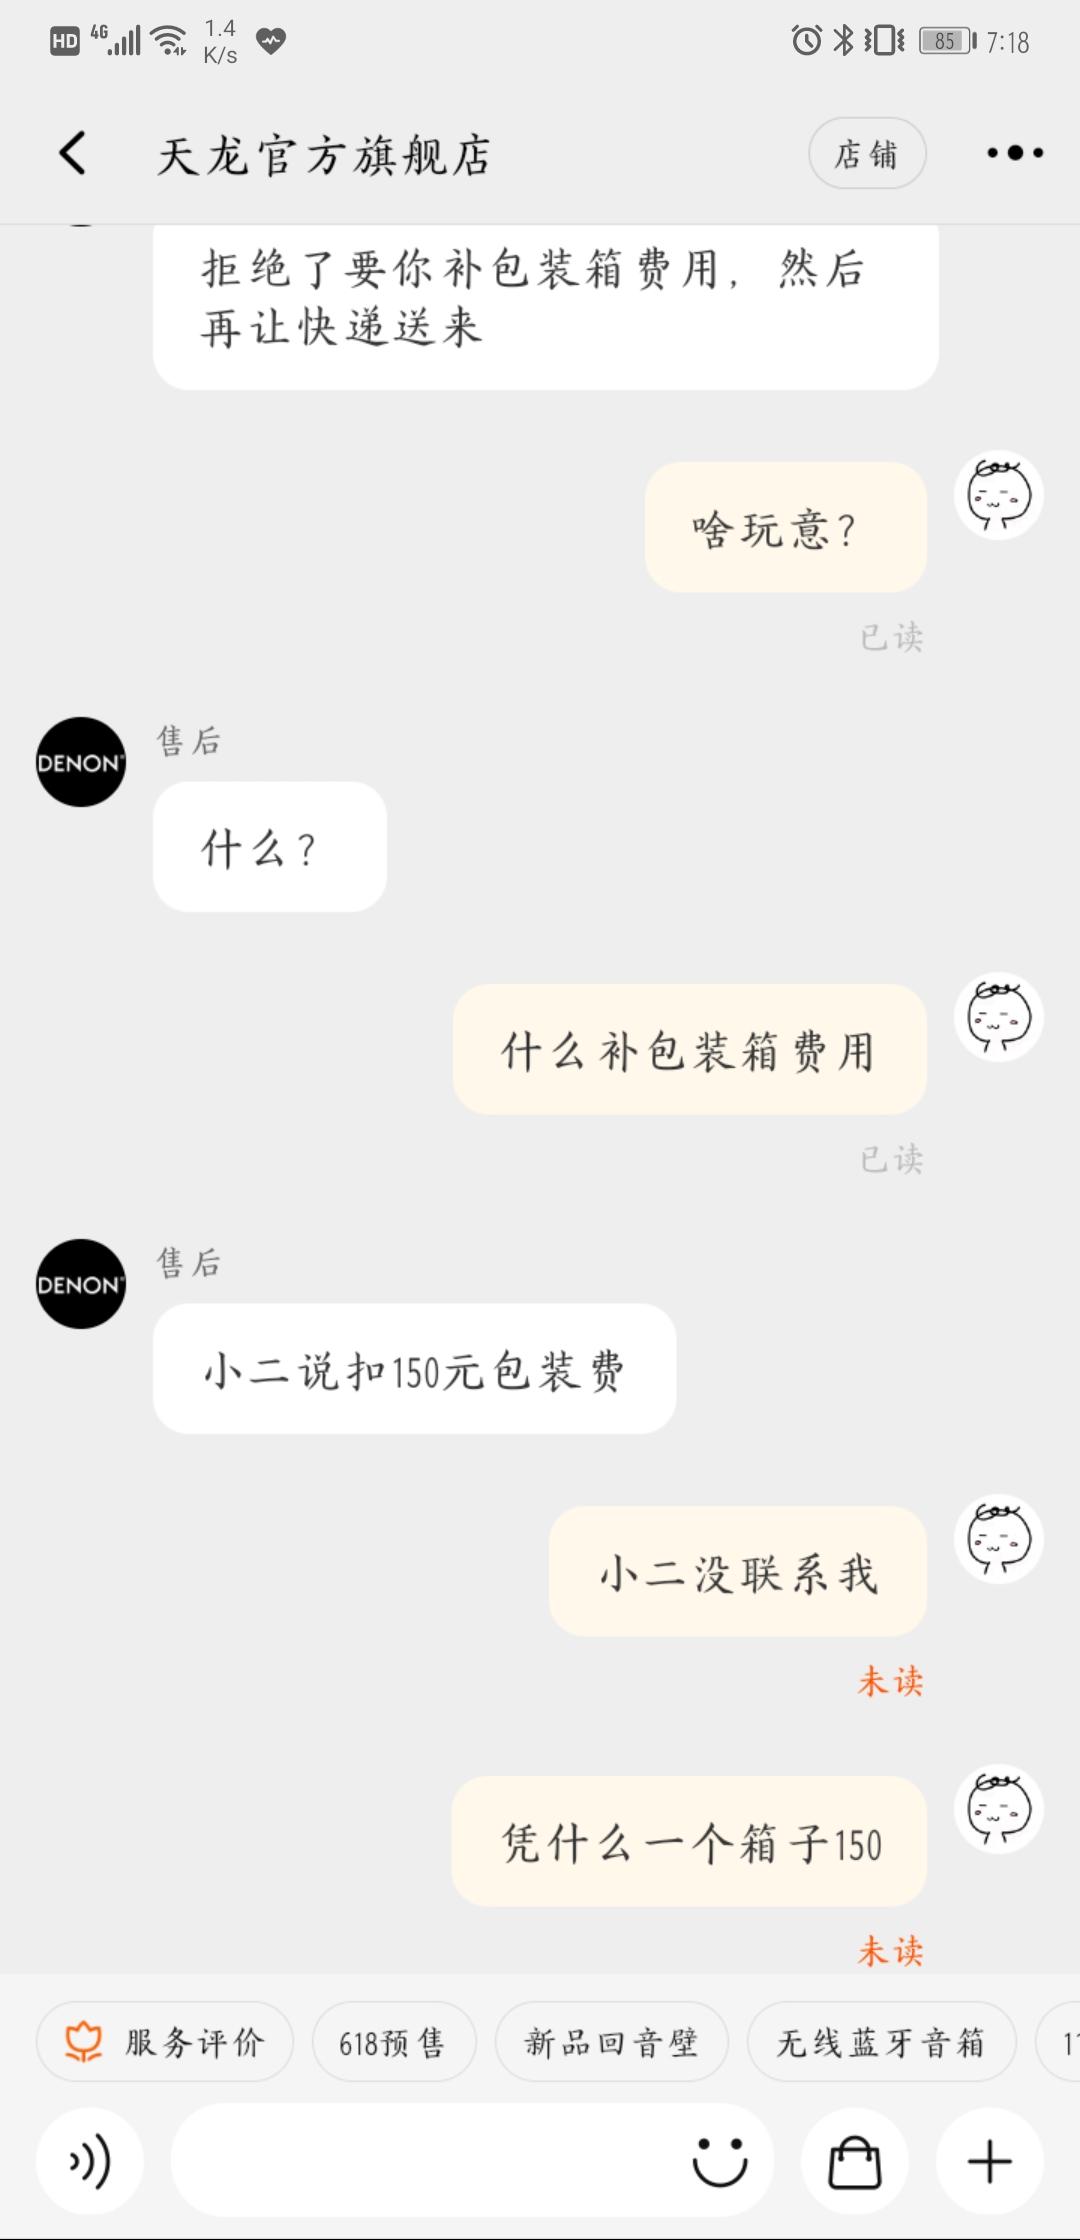 淘宝天龙官方旗舰店收到退款货物后拒绝退款